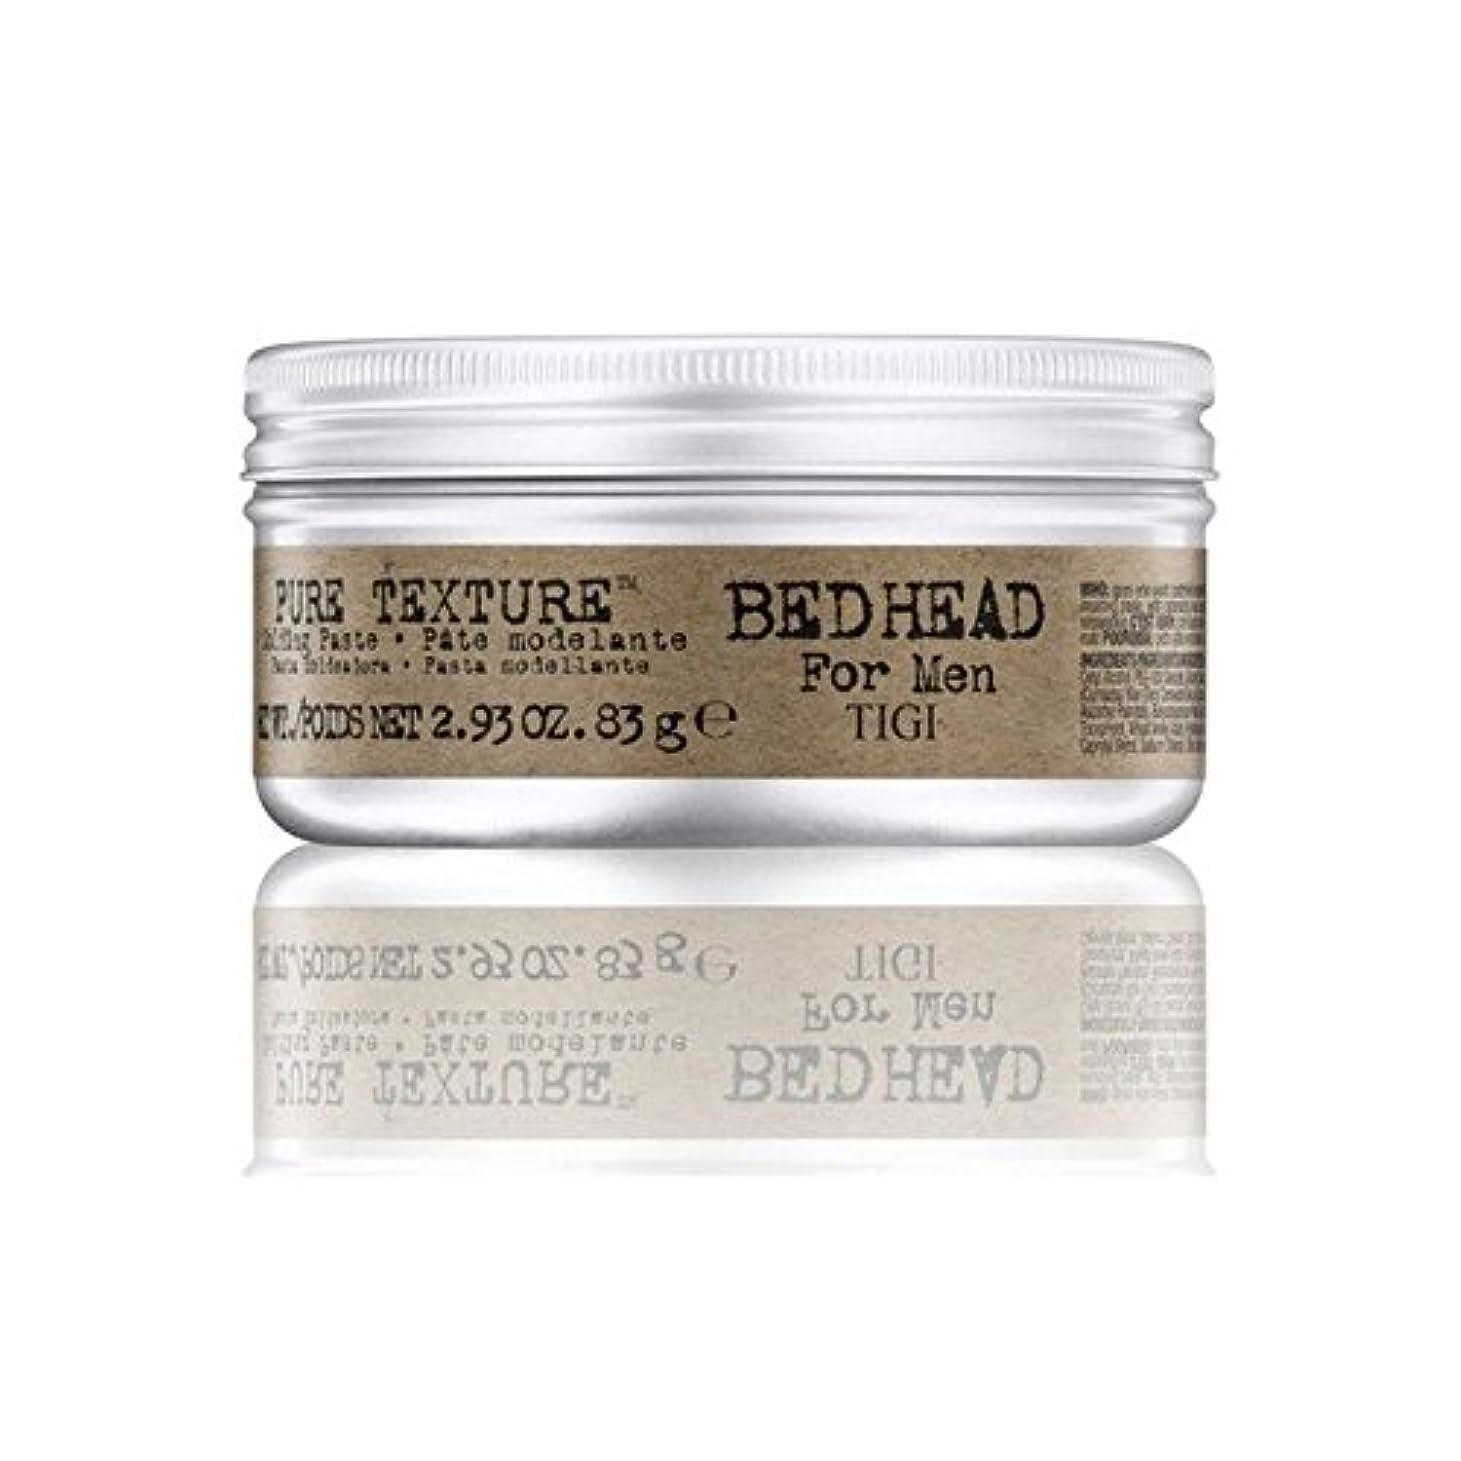 心理学早熟ブランド名男性の純粋なテクスチャーモールディングペースト(83グラム)のためのティジーベッドヘッド x4 - Tigi Bed Head For Men Pure Texture Molding Paste (83G) (Pack...